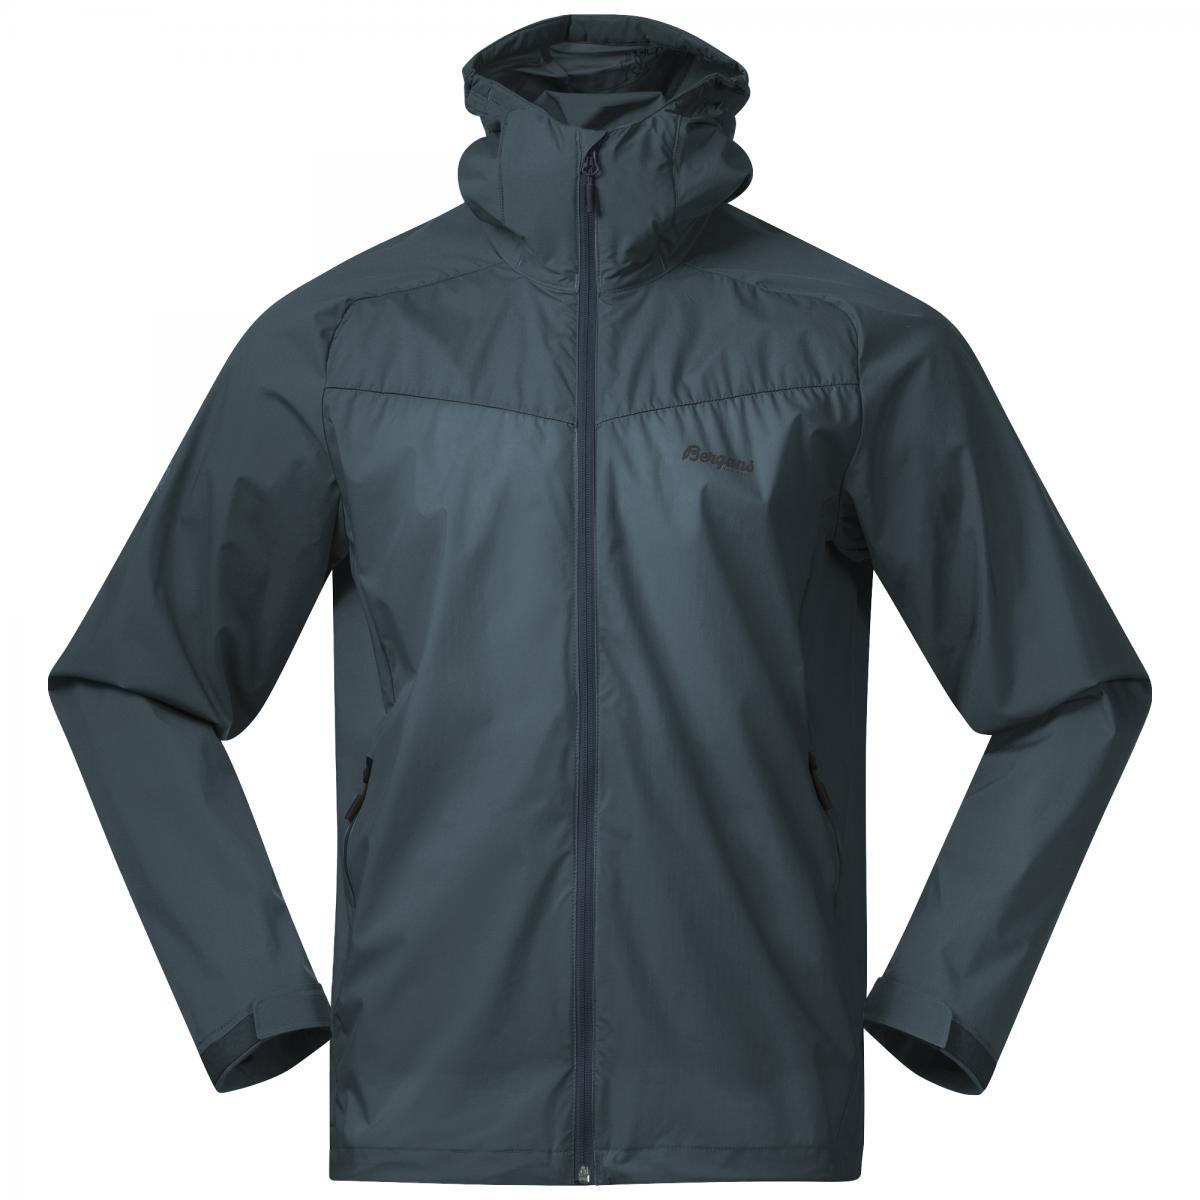 Bergans  Microlight Jacket, jakke, herre